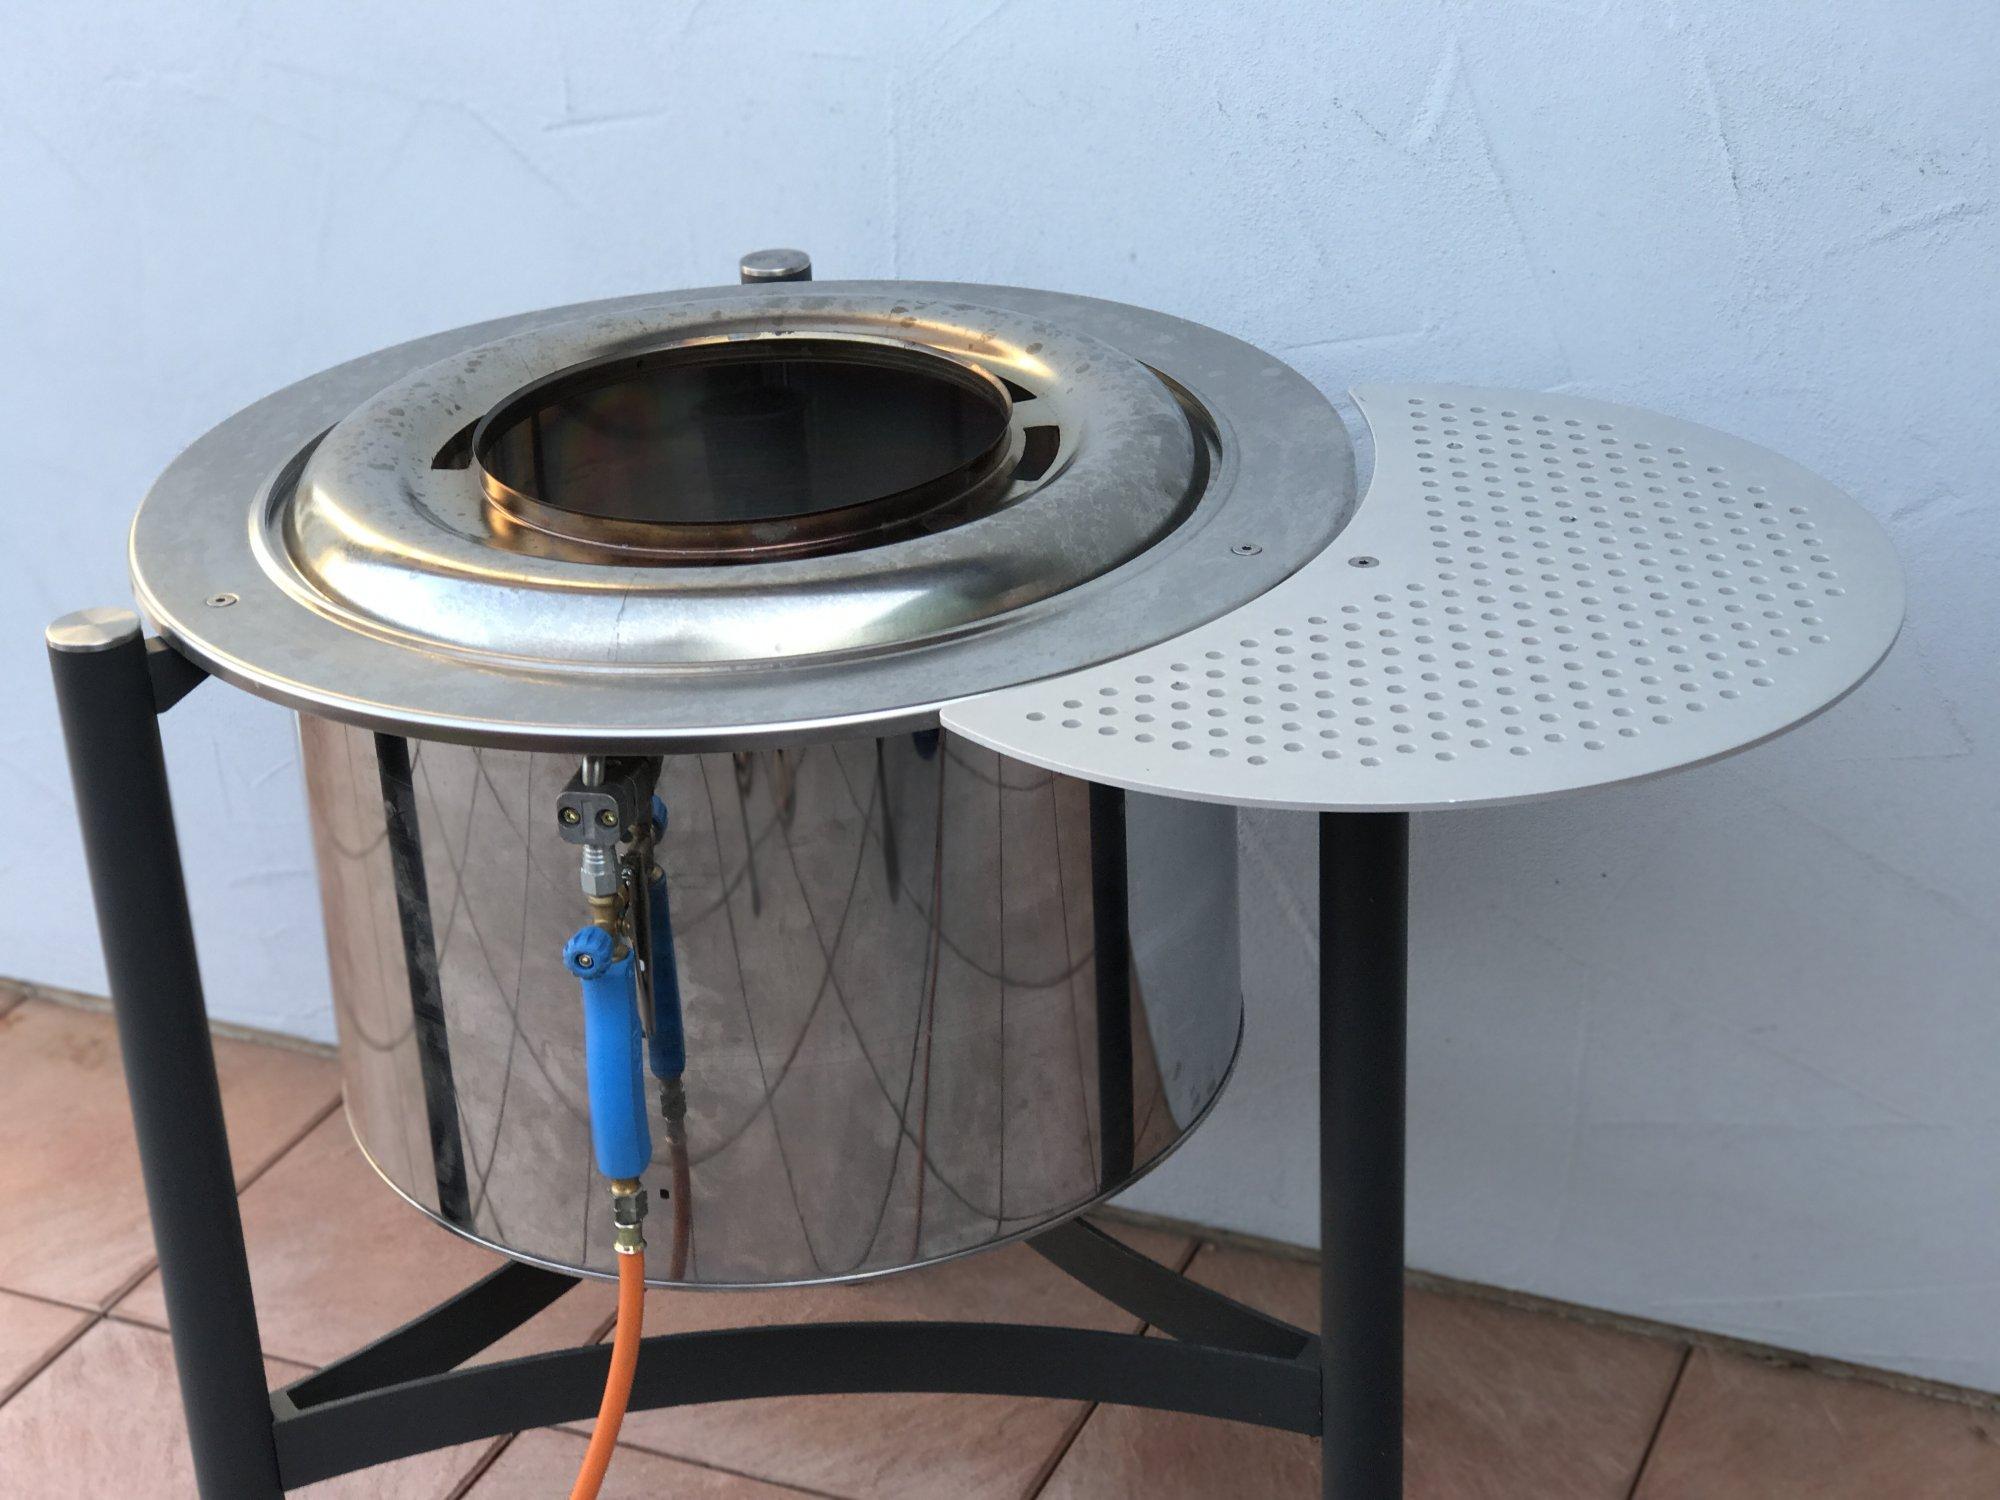 Eigenbau wokbrenner modell trocknertrommel dachpappenbrenner